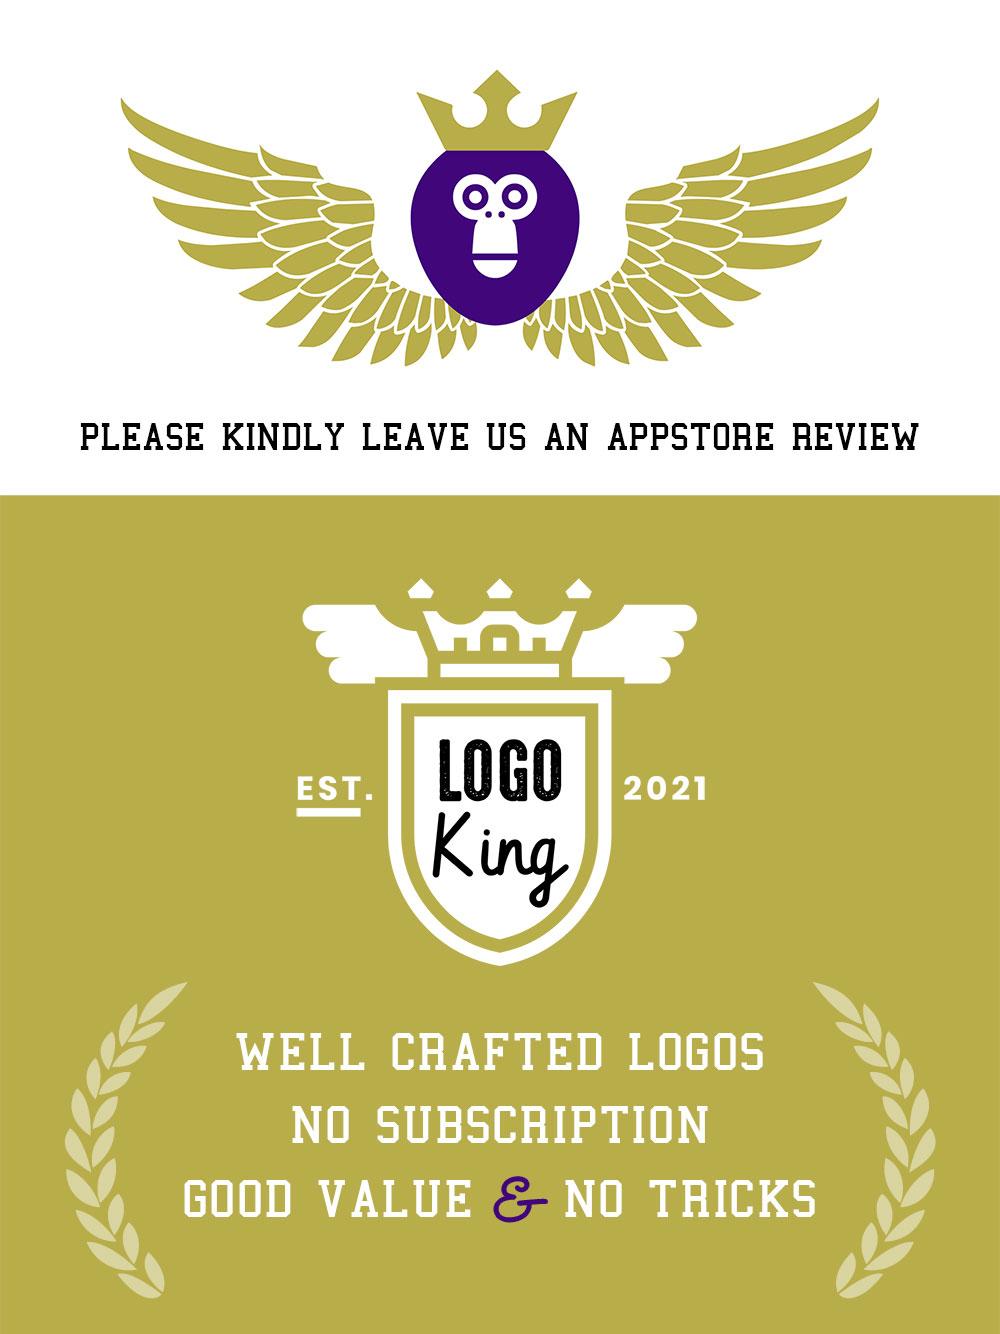 logo king vintage logo maker promo